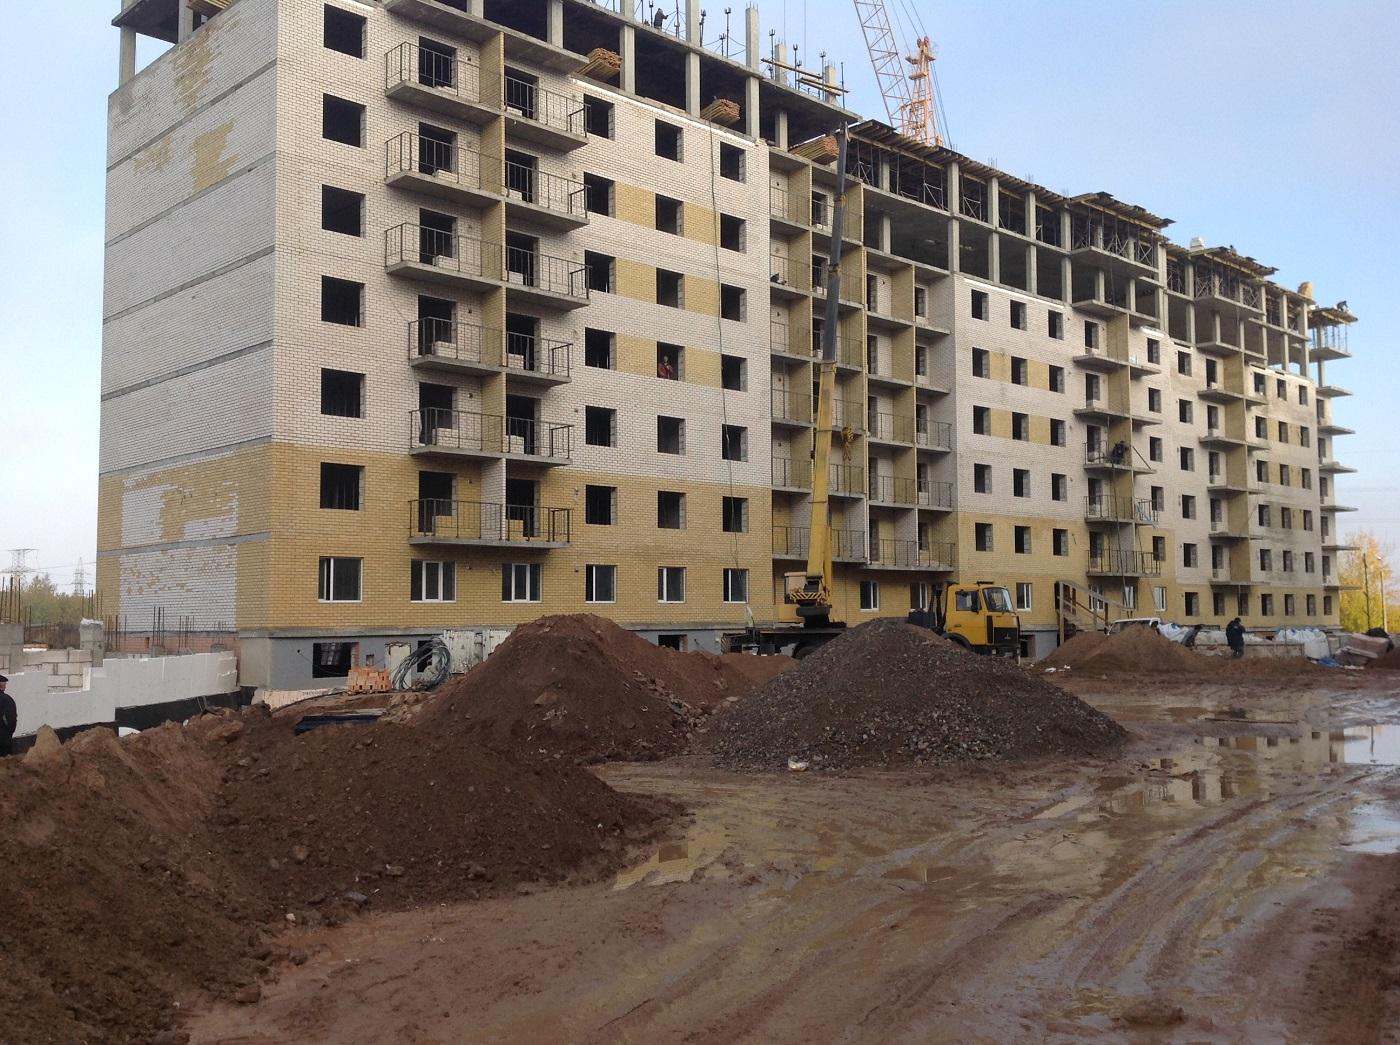 Однокомнатная квартира - ул.Владимирская, д. 11в, кв. 87